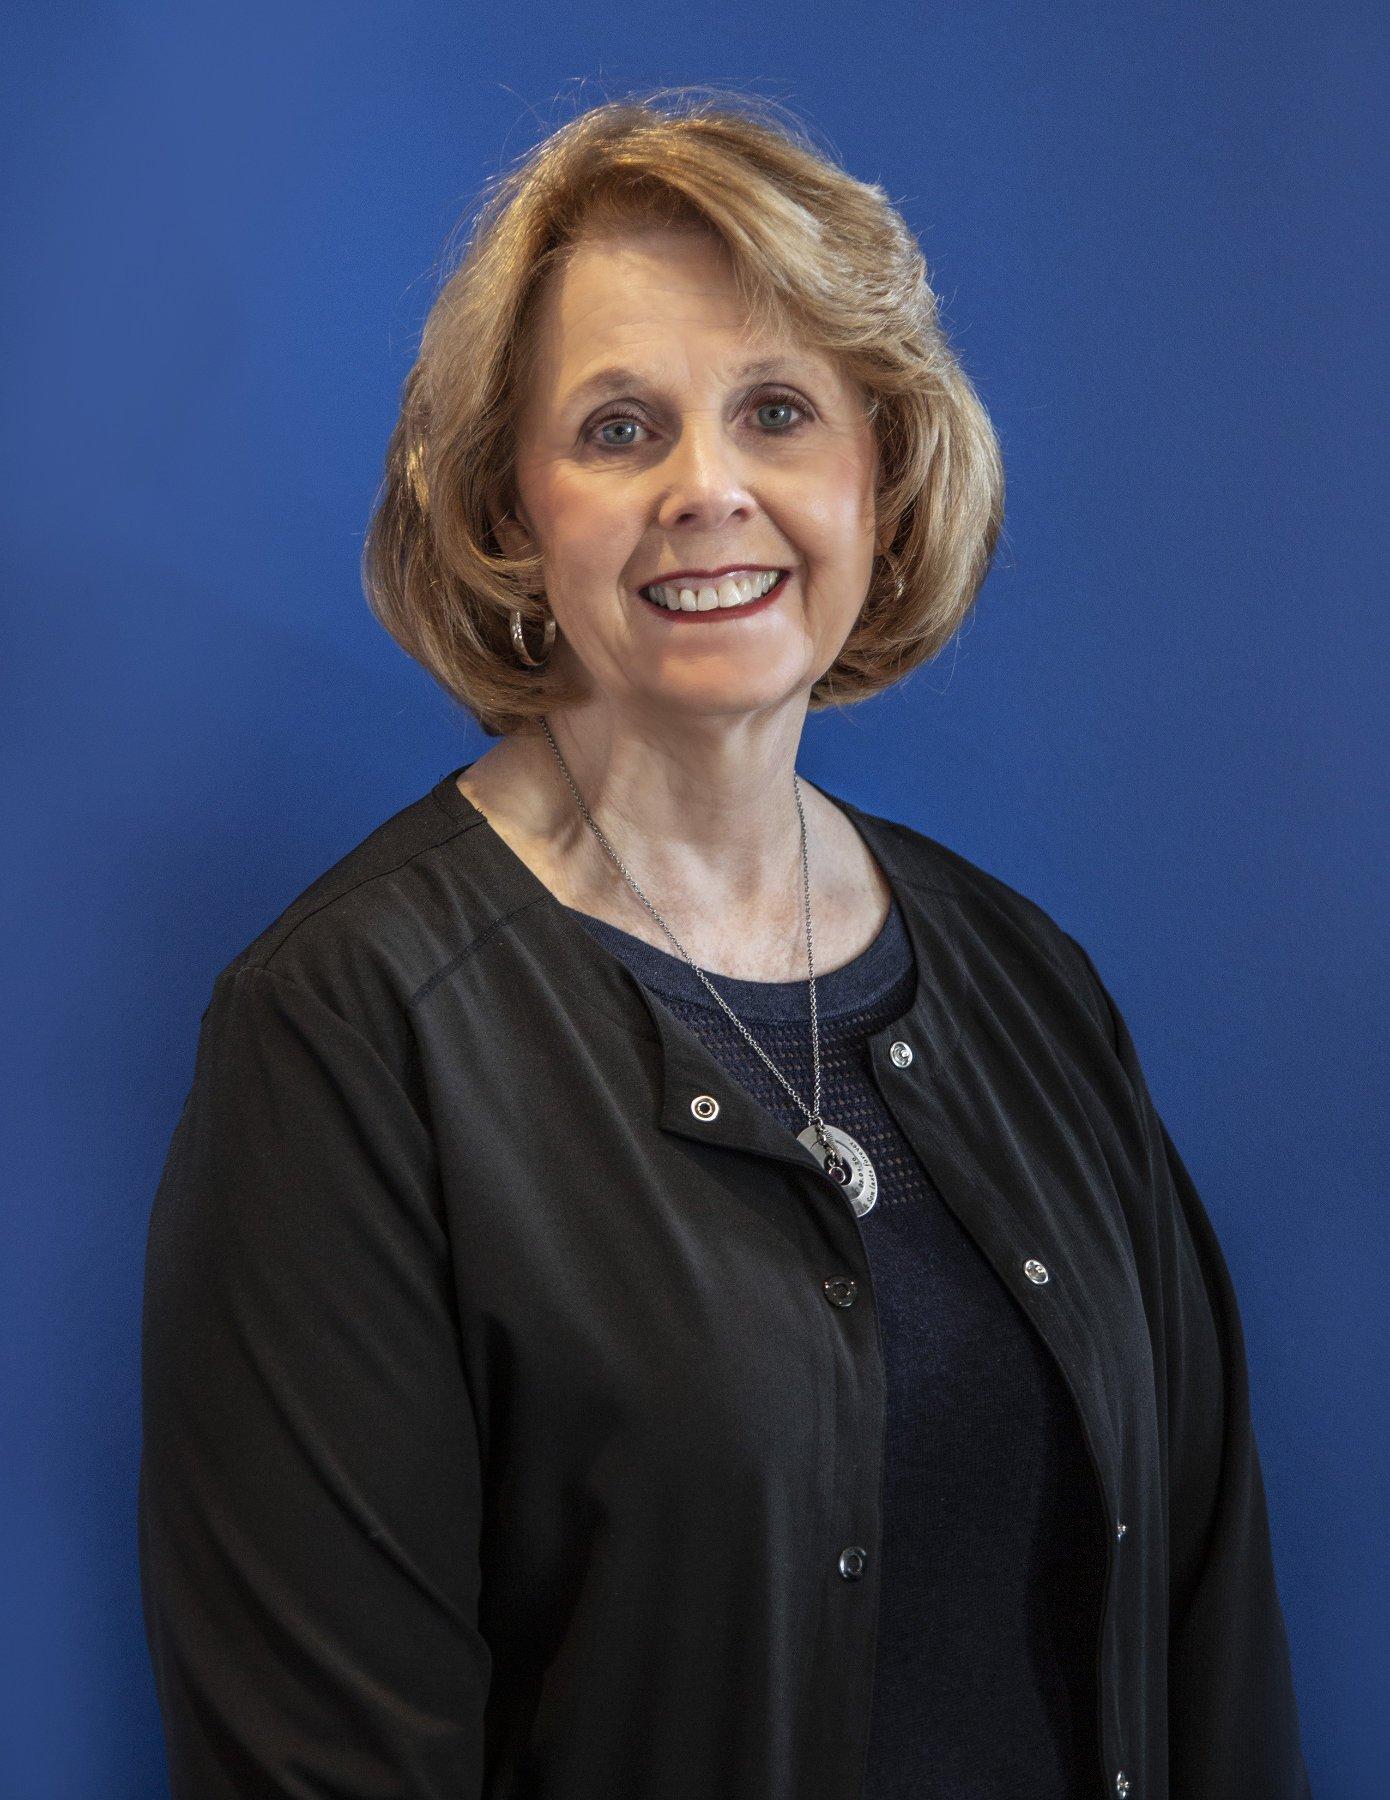 Jaynee Cavanaugh Receptionist